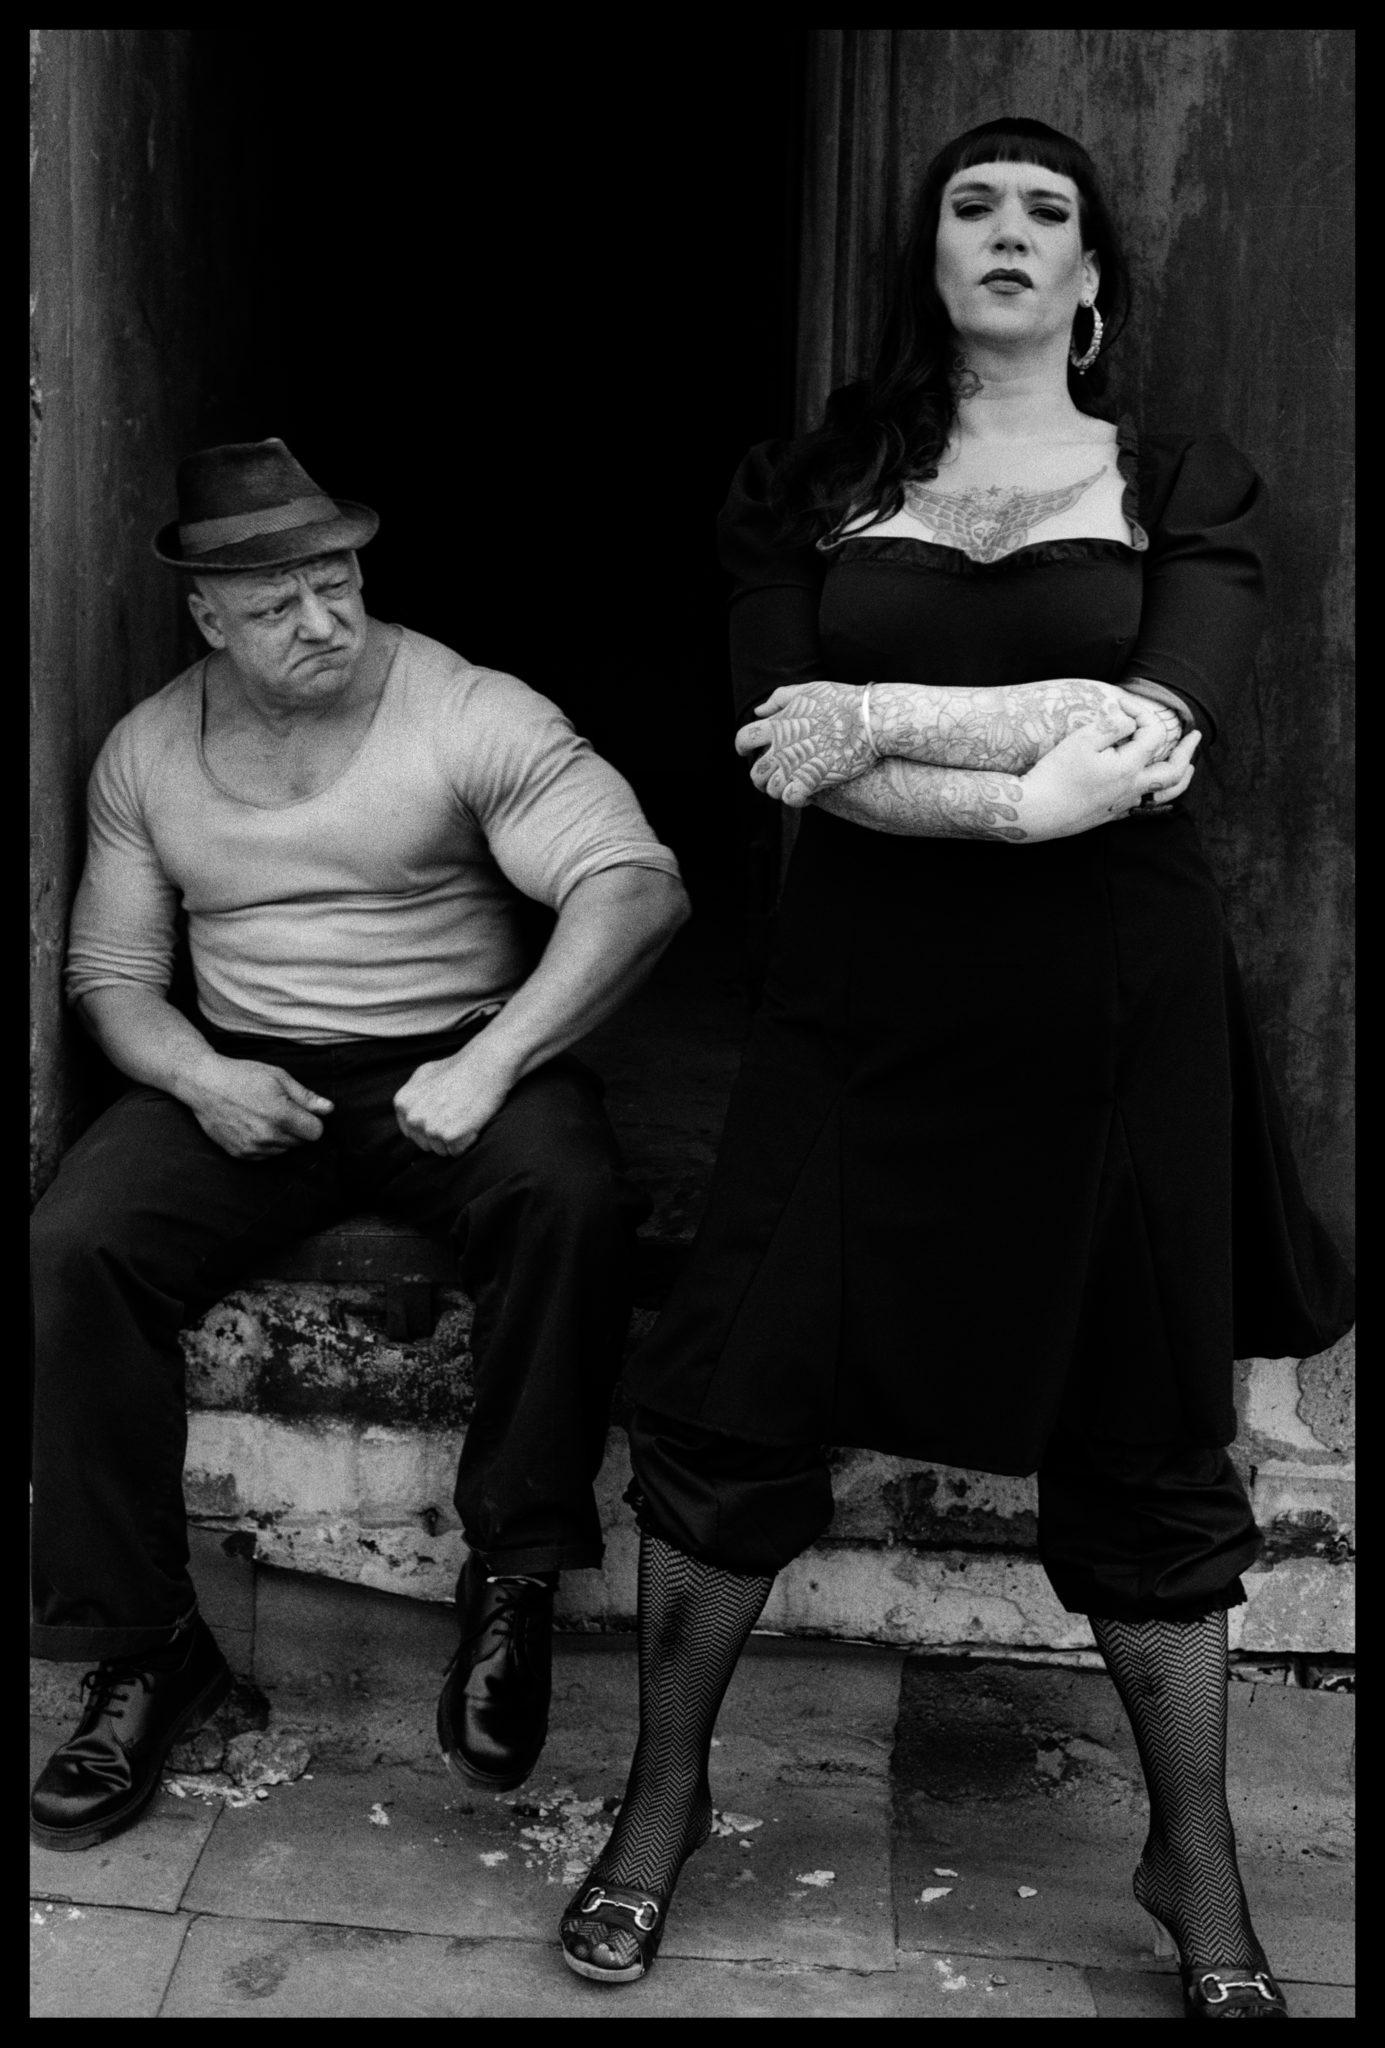 Czarno-białe zdjęcie mężczyzny siedzącego na schodku i kobiety w czarnej sukience stojącej obok niego